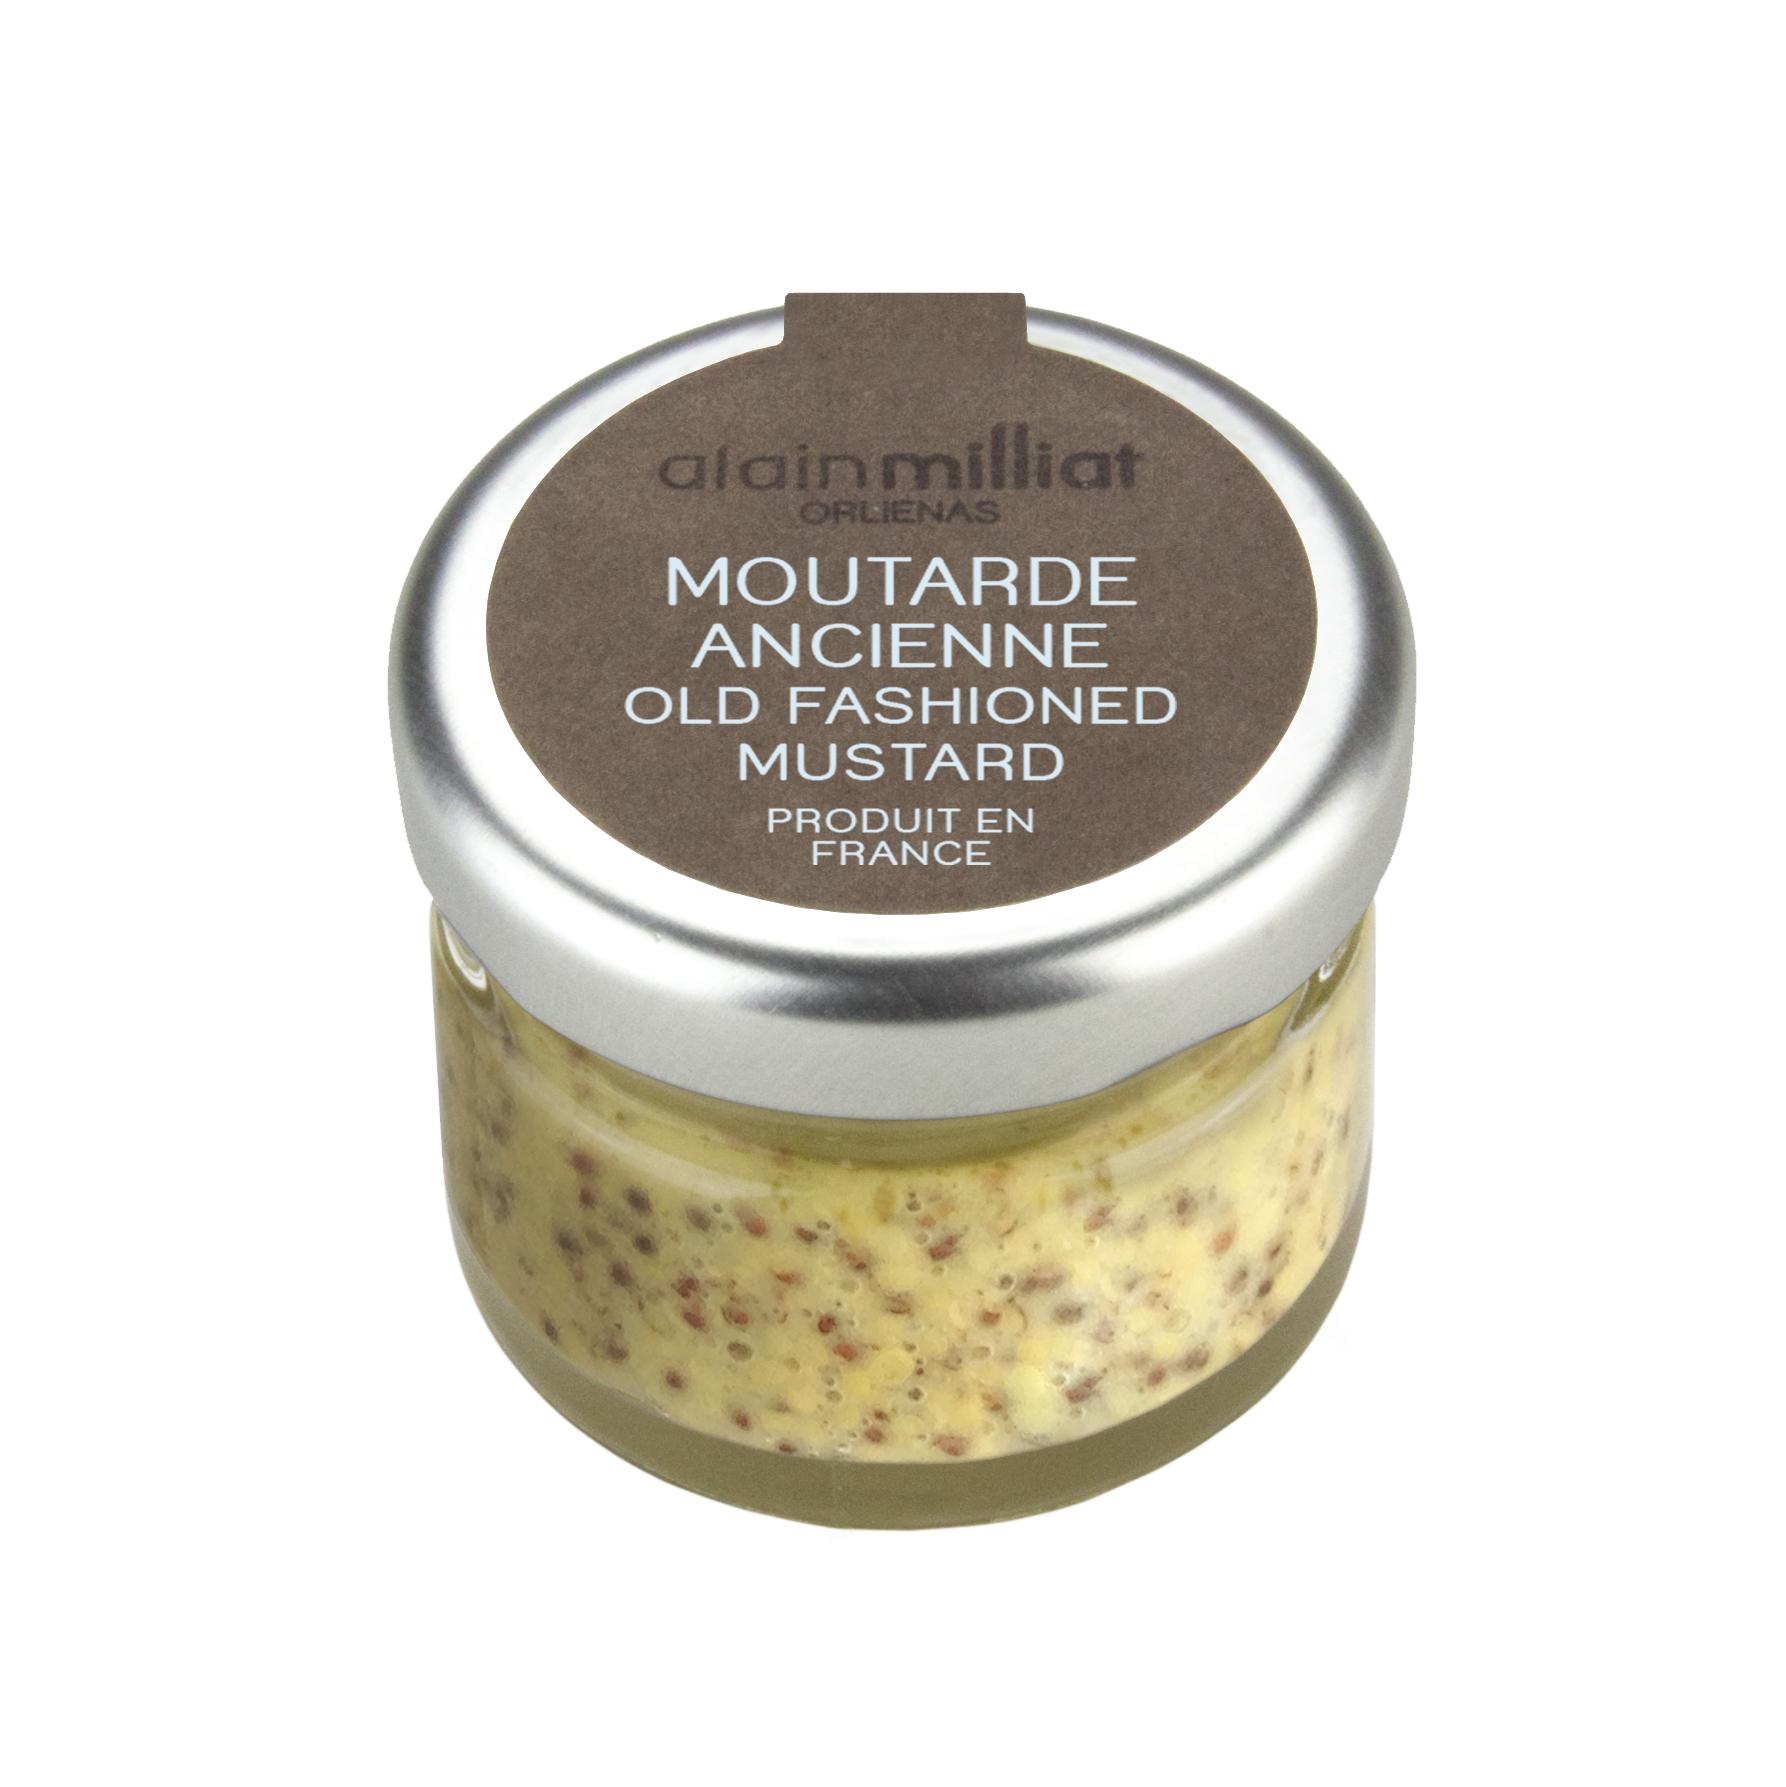 Moutarde à l'ancienne, Alain Milliat (30 g)